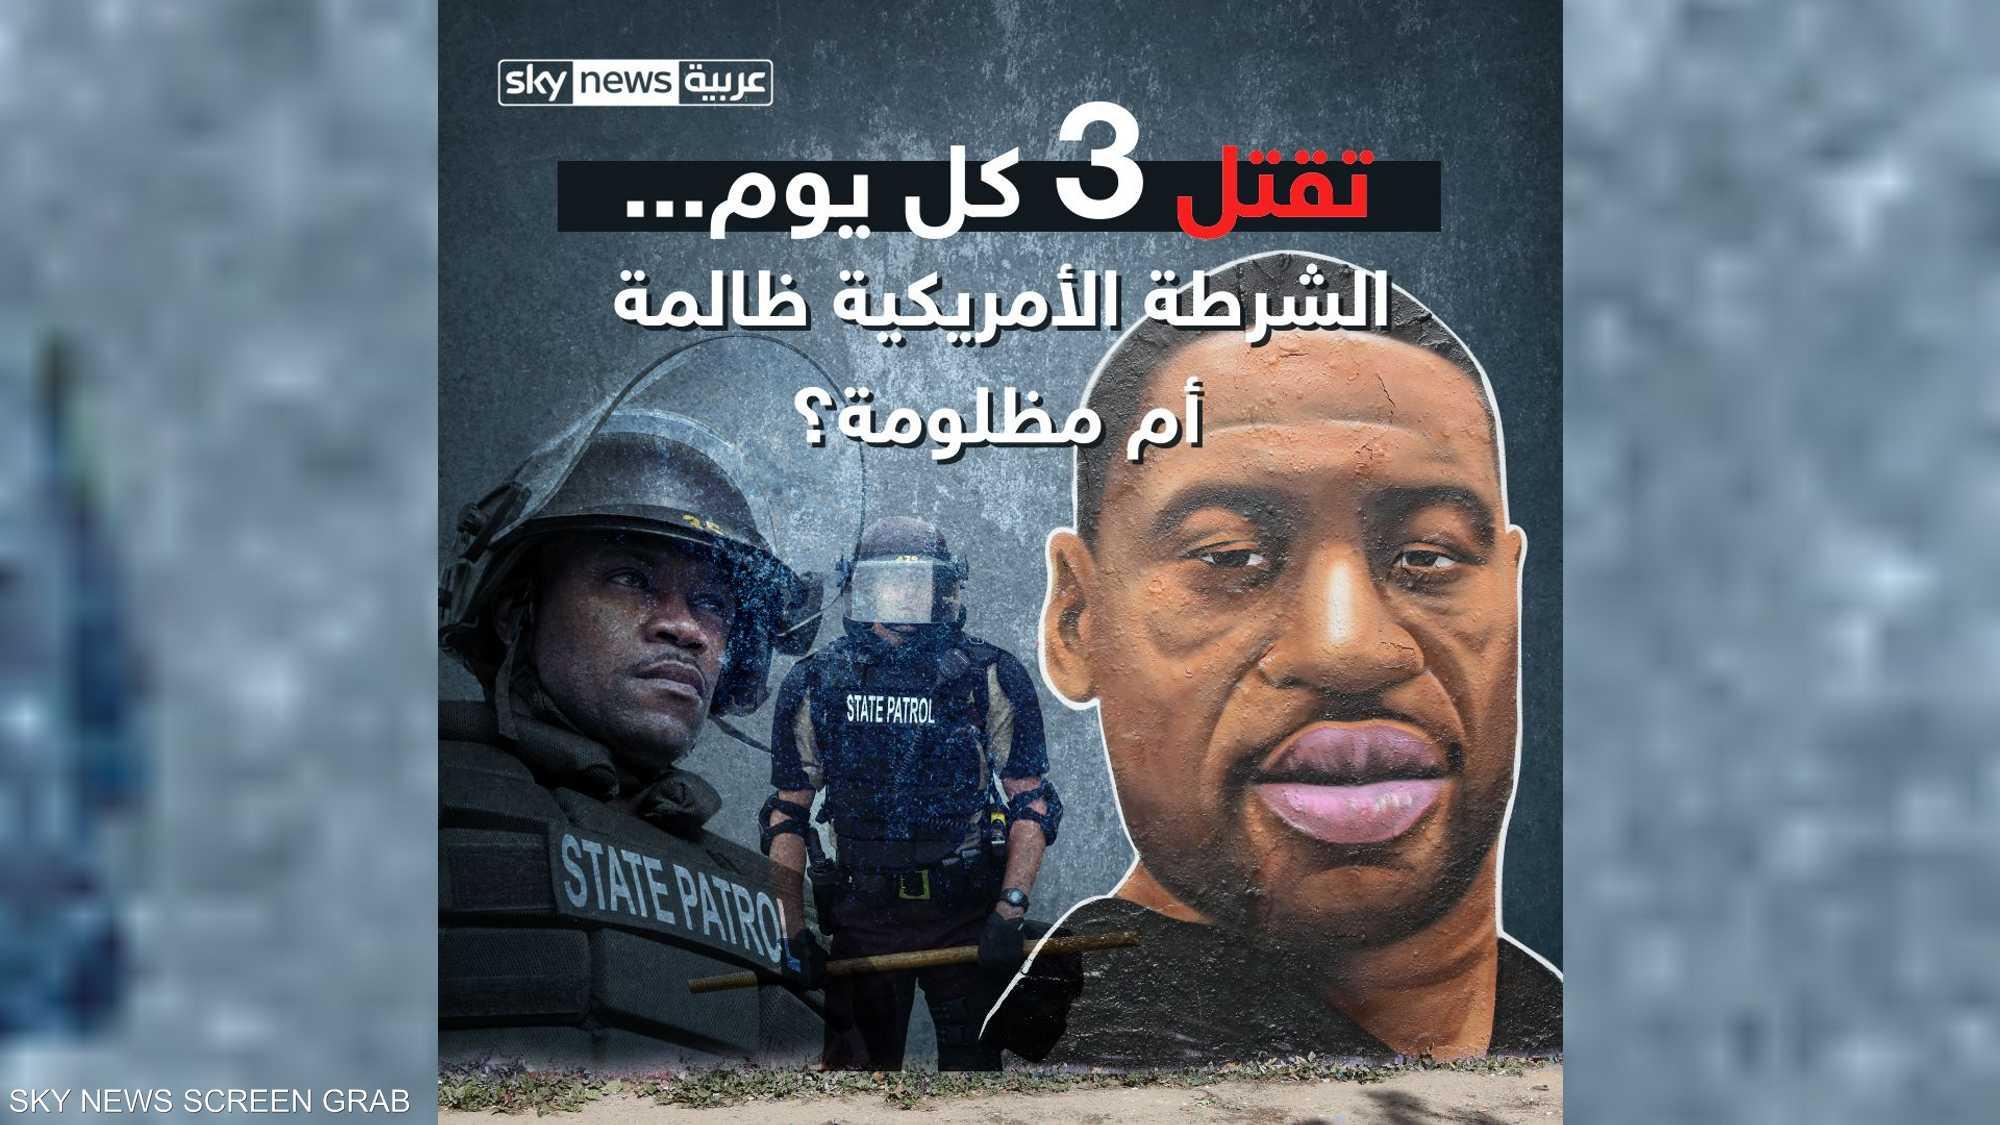 أميركا.. هل الشرطة ظالمة أم مظلومة؟